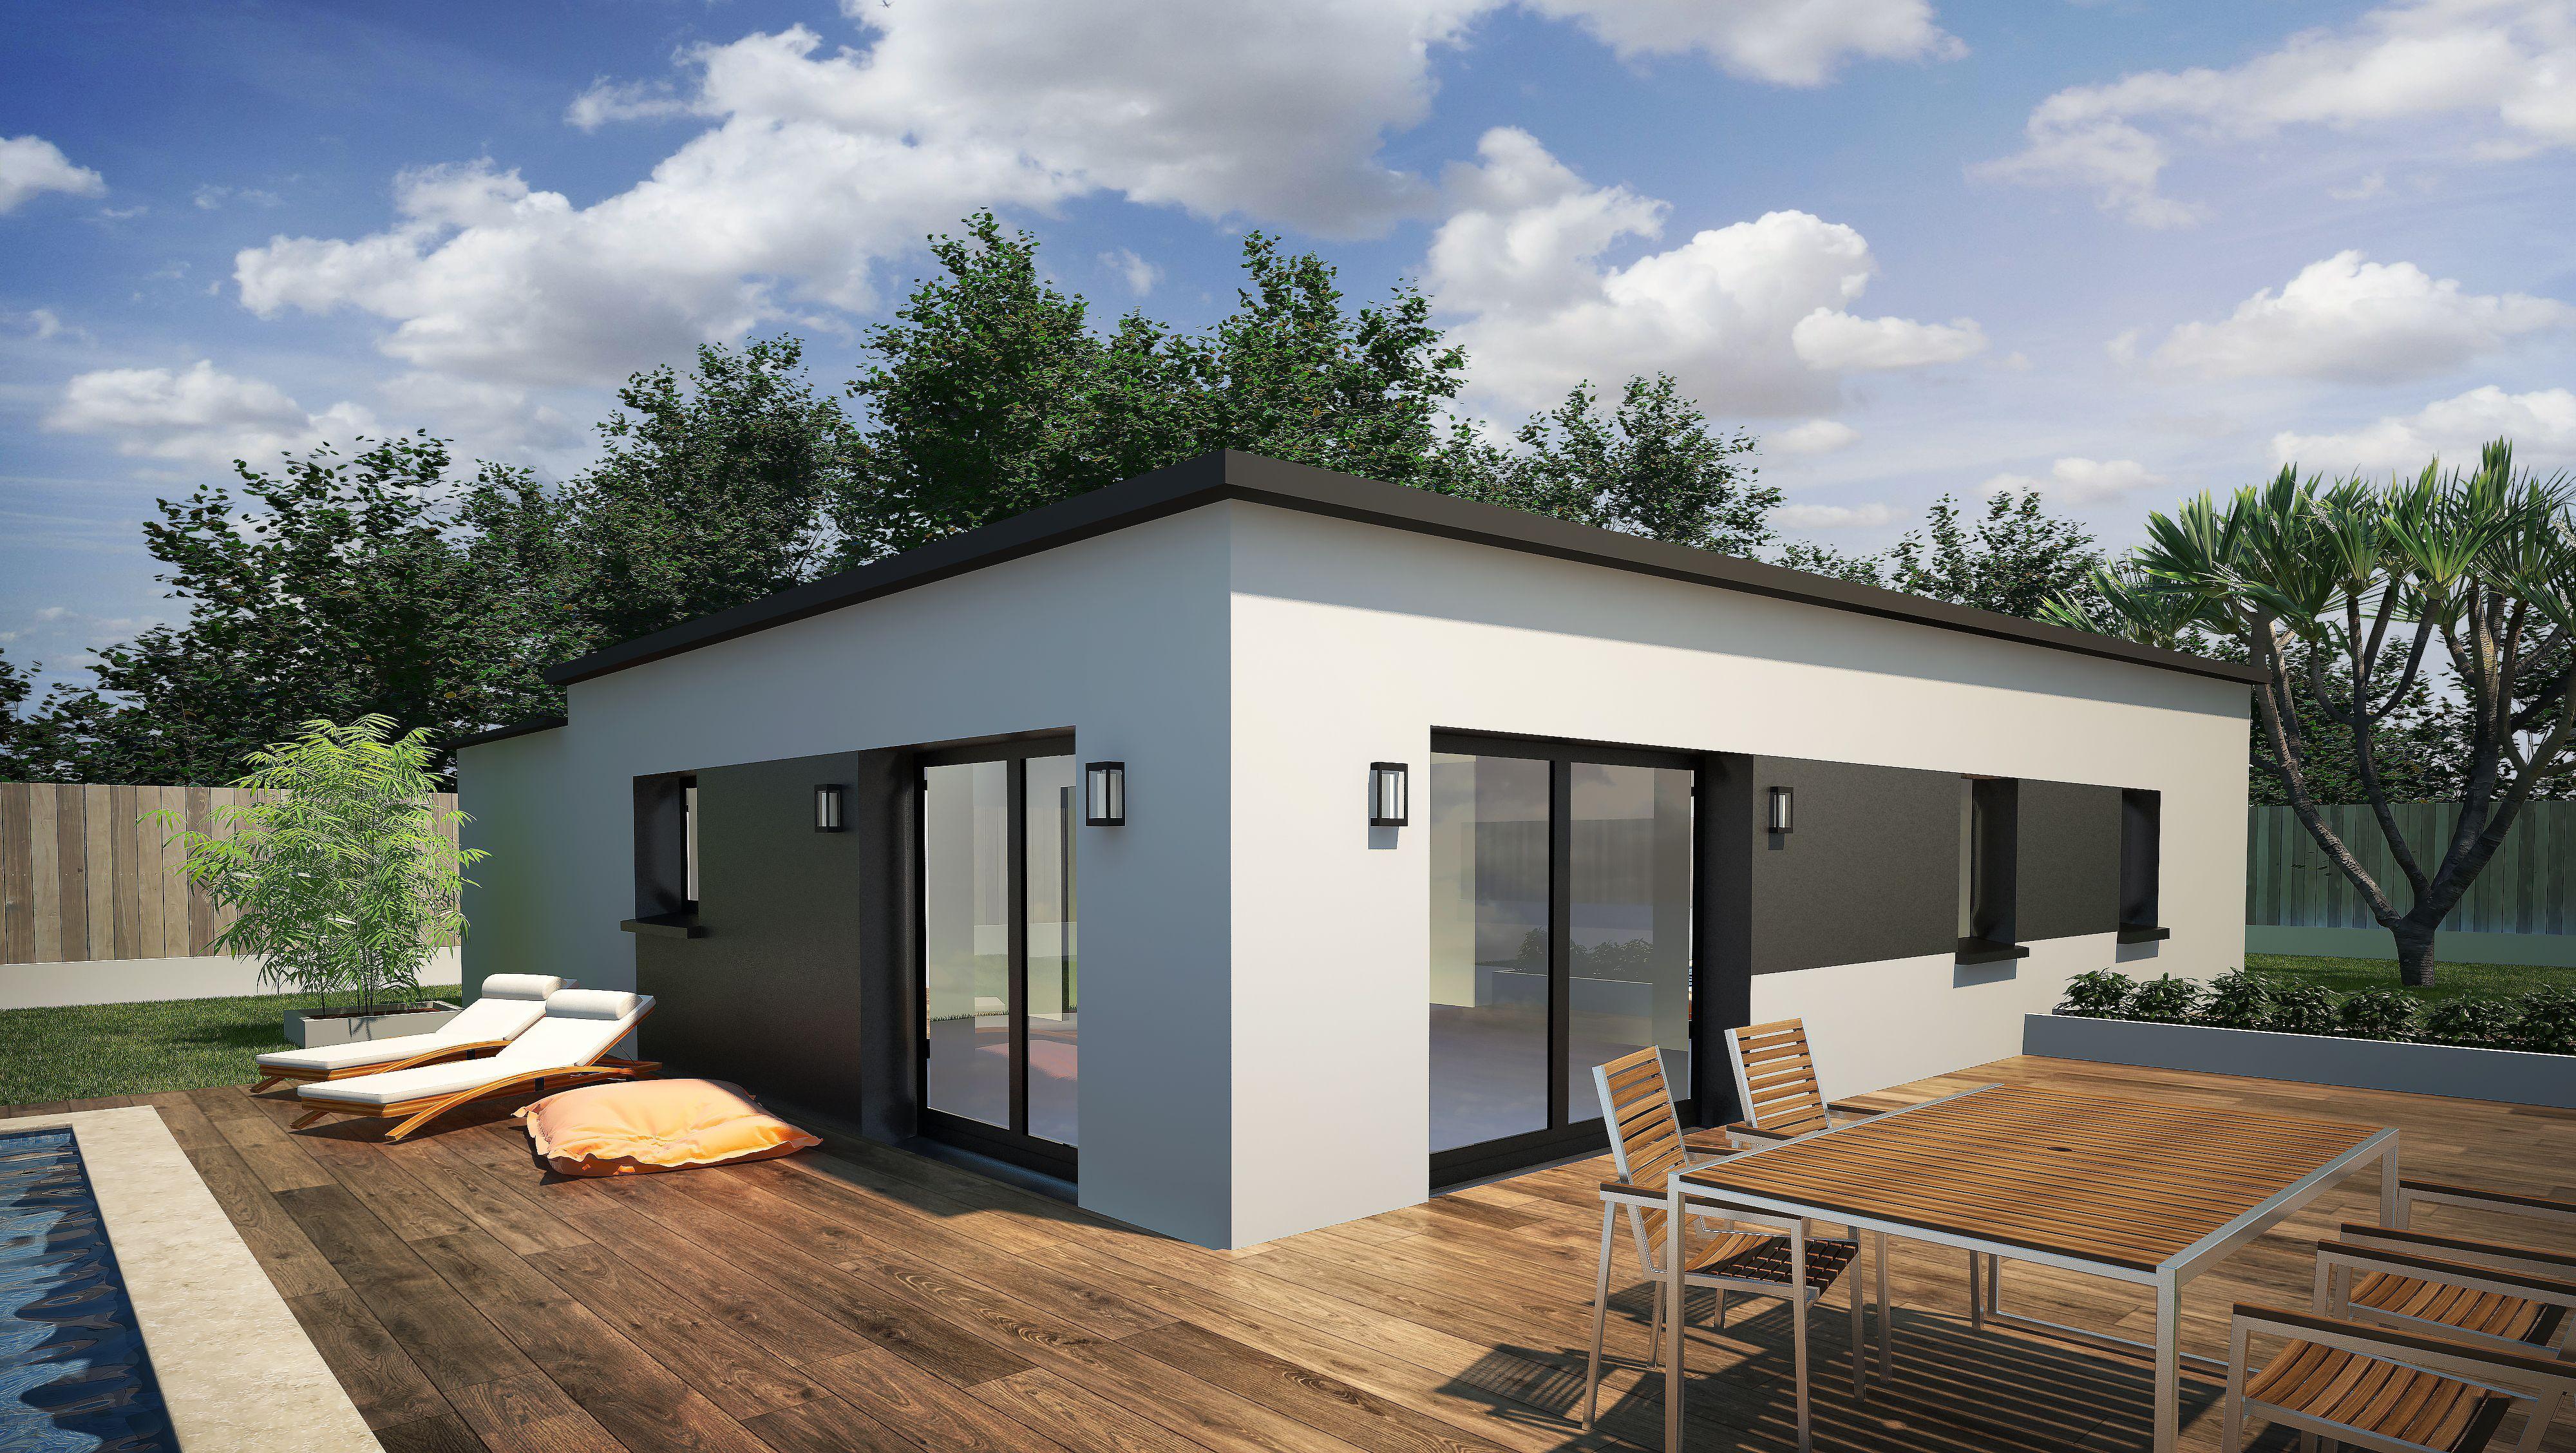 Maison plain pied 3 chambres 87 m² + garage | Nos modèles ...